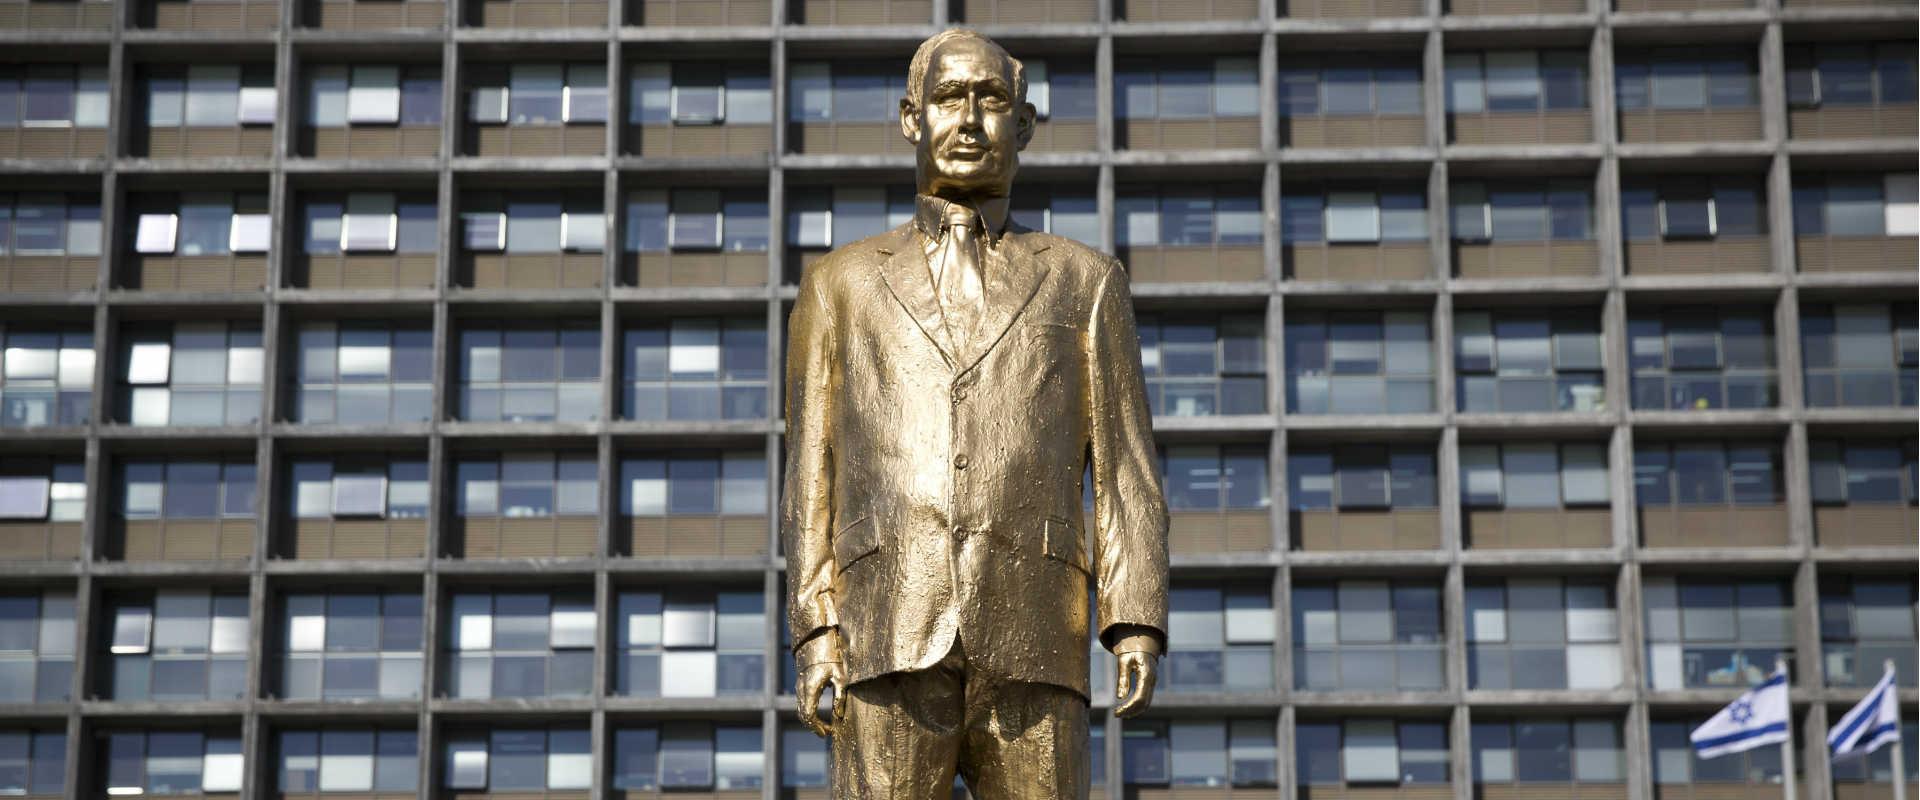 פסל הזהב בדמות נתניהו שהוצב השבוע בכיכר רבין